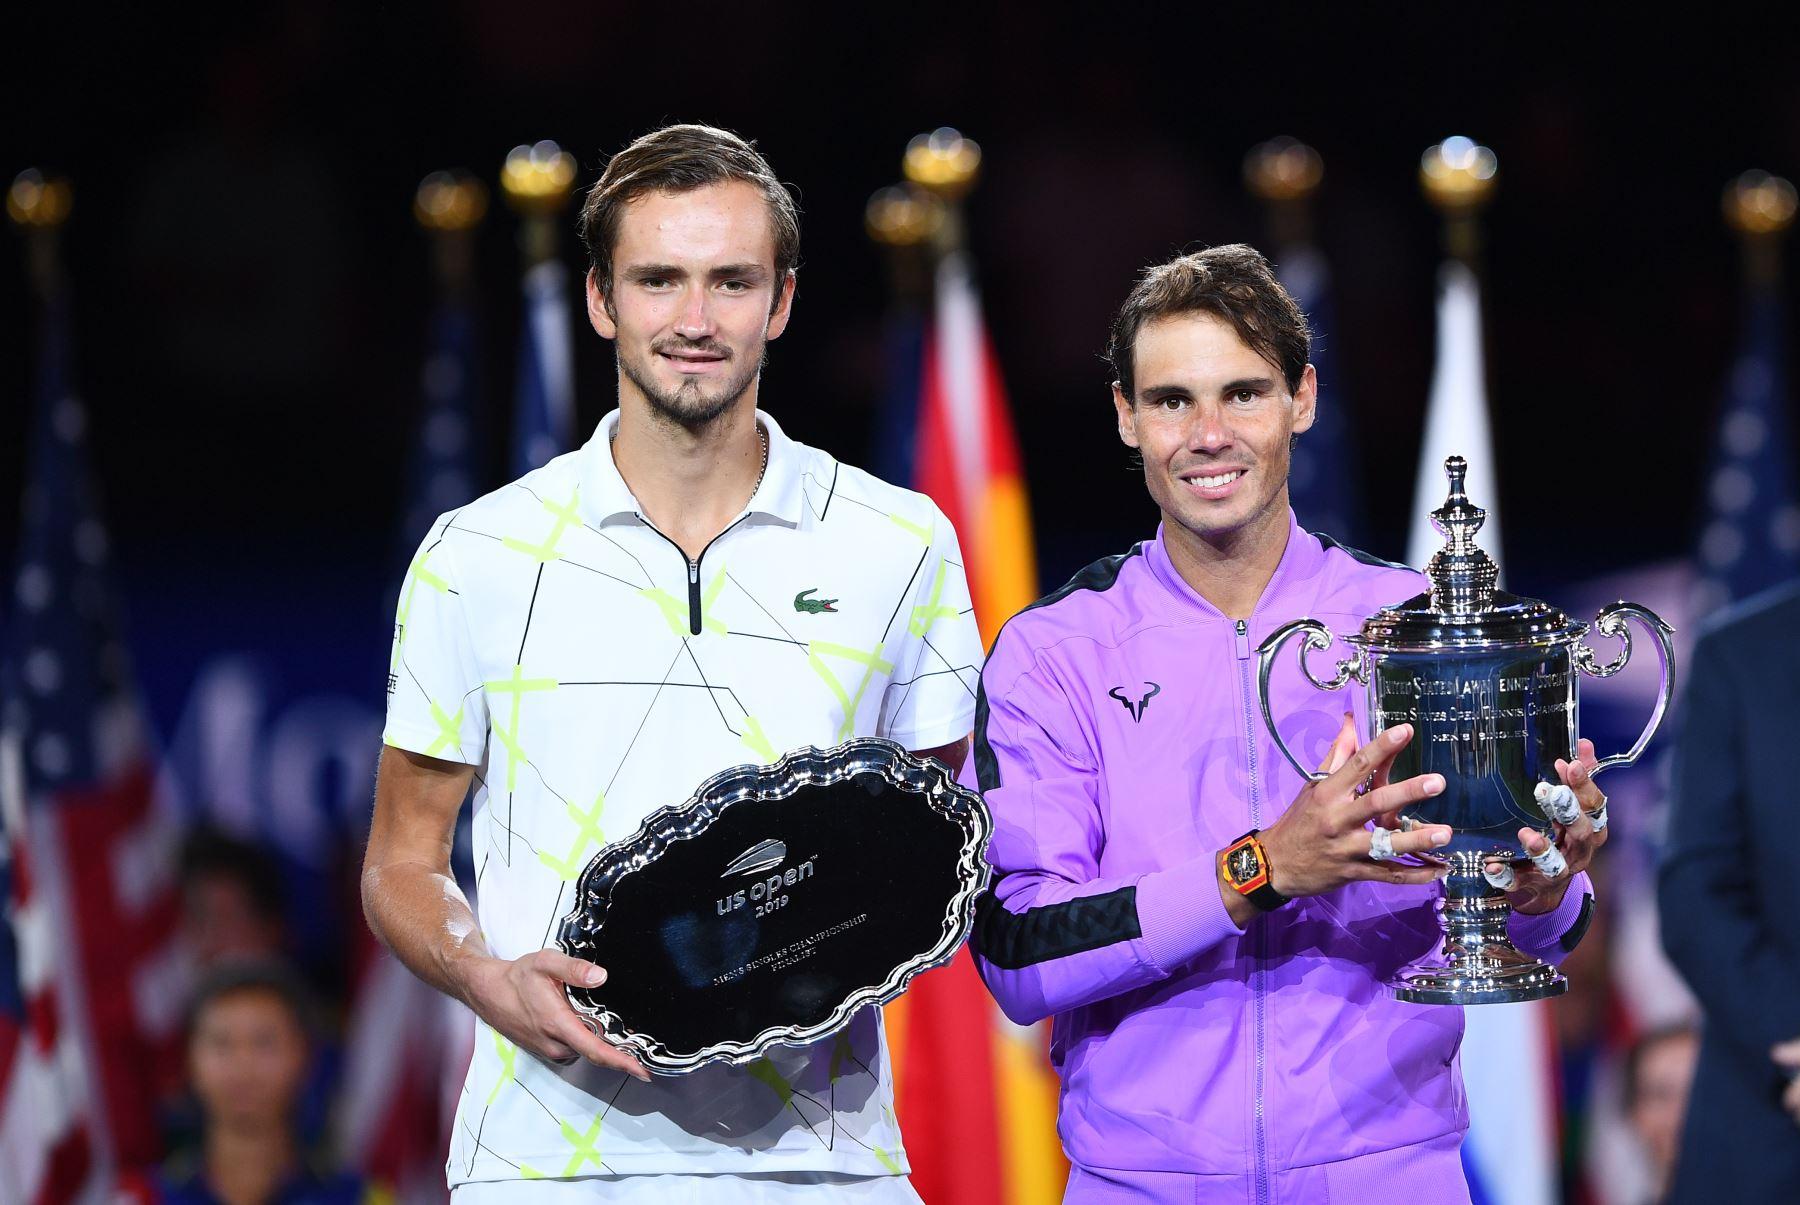 Rafael Nadal de España (R) tiene el trofeo después de su victoria sobre Daniil Medvedev de Rusia (L) durante el partido de la final individual masculina en el US Open 2019 en el USTA Billie Jean King National Tennis Center en Nueva York.Foto.AFP